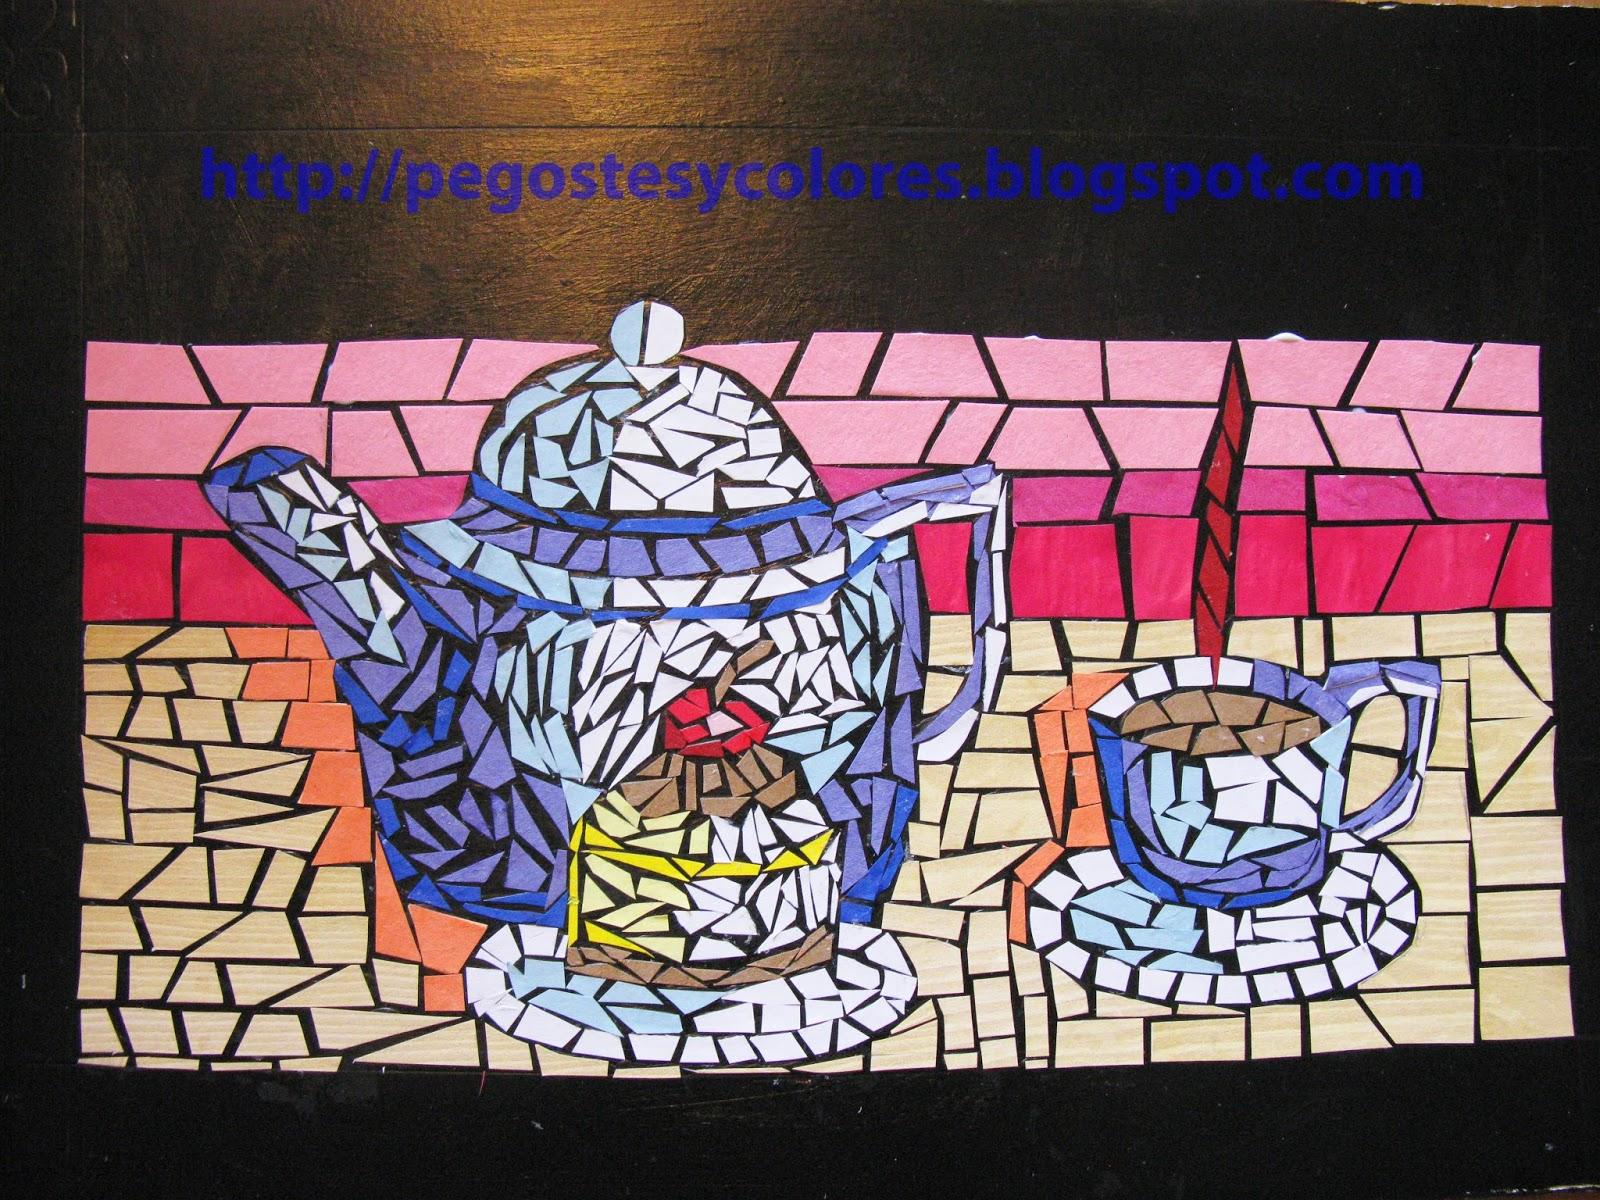 Pegostes y colores cuadro de mosaico de papel de tetera y taza - Mosaico de colores ...